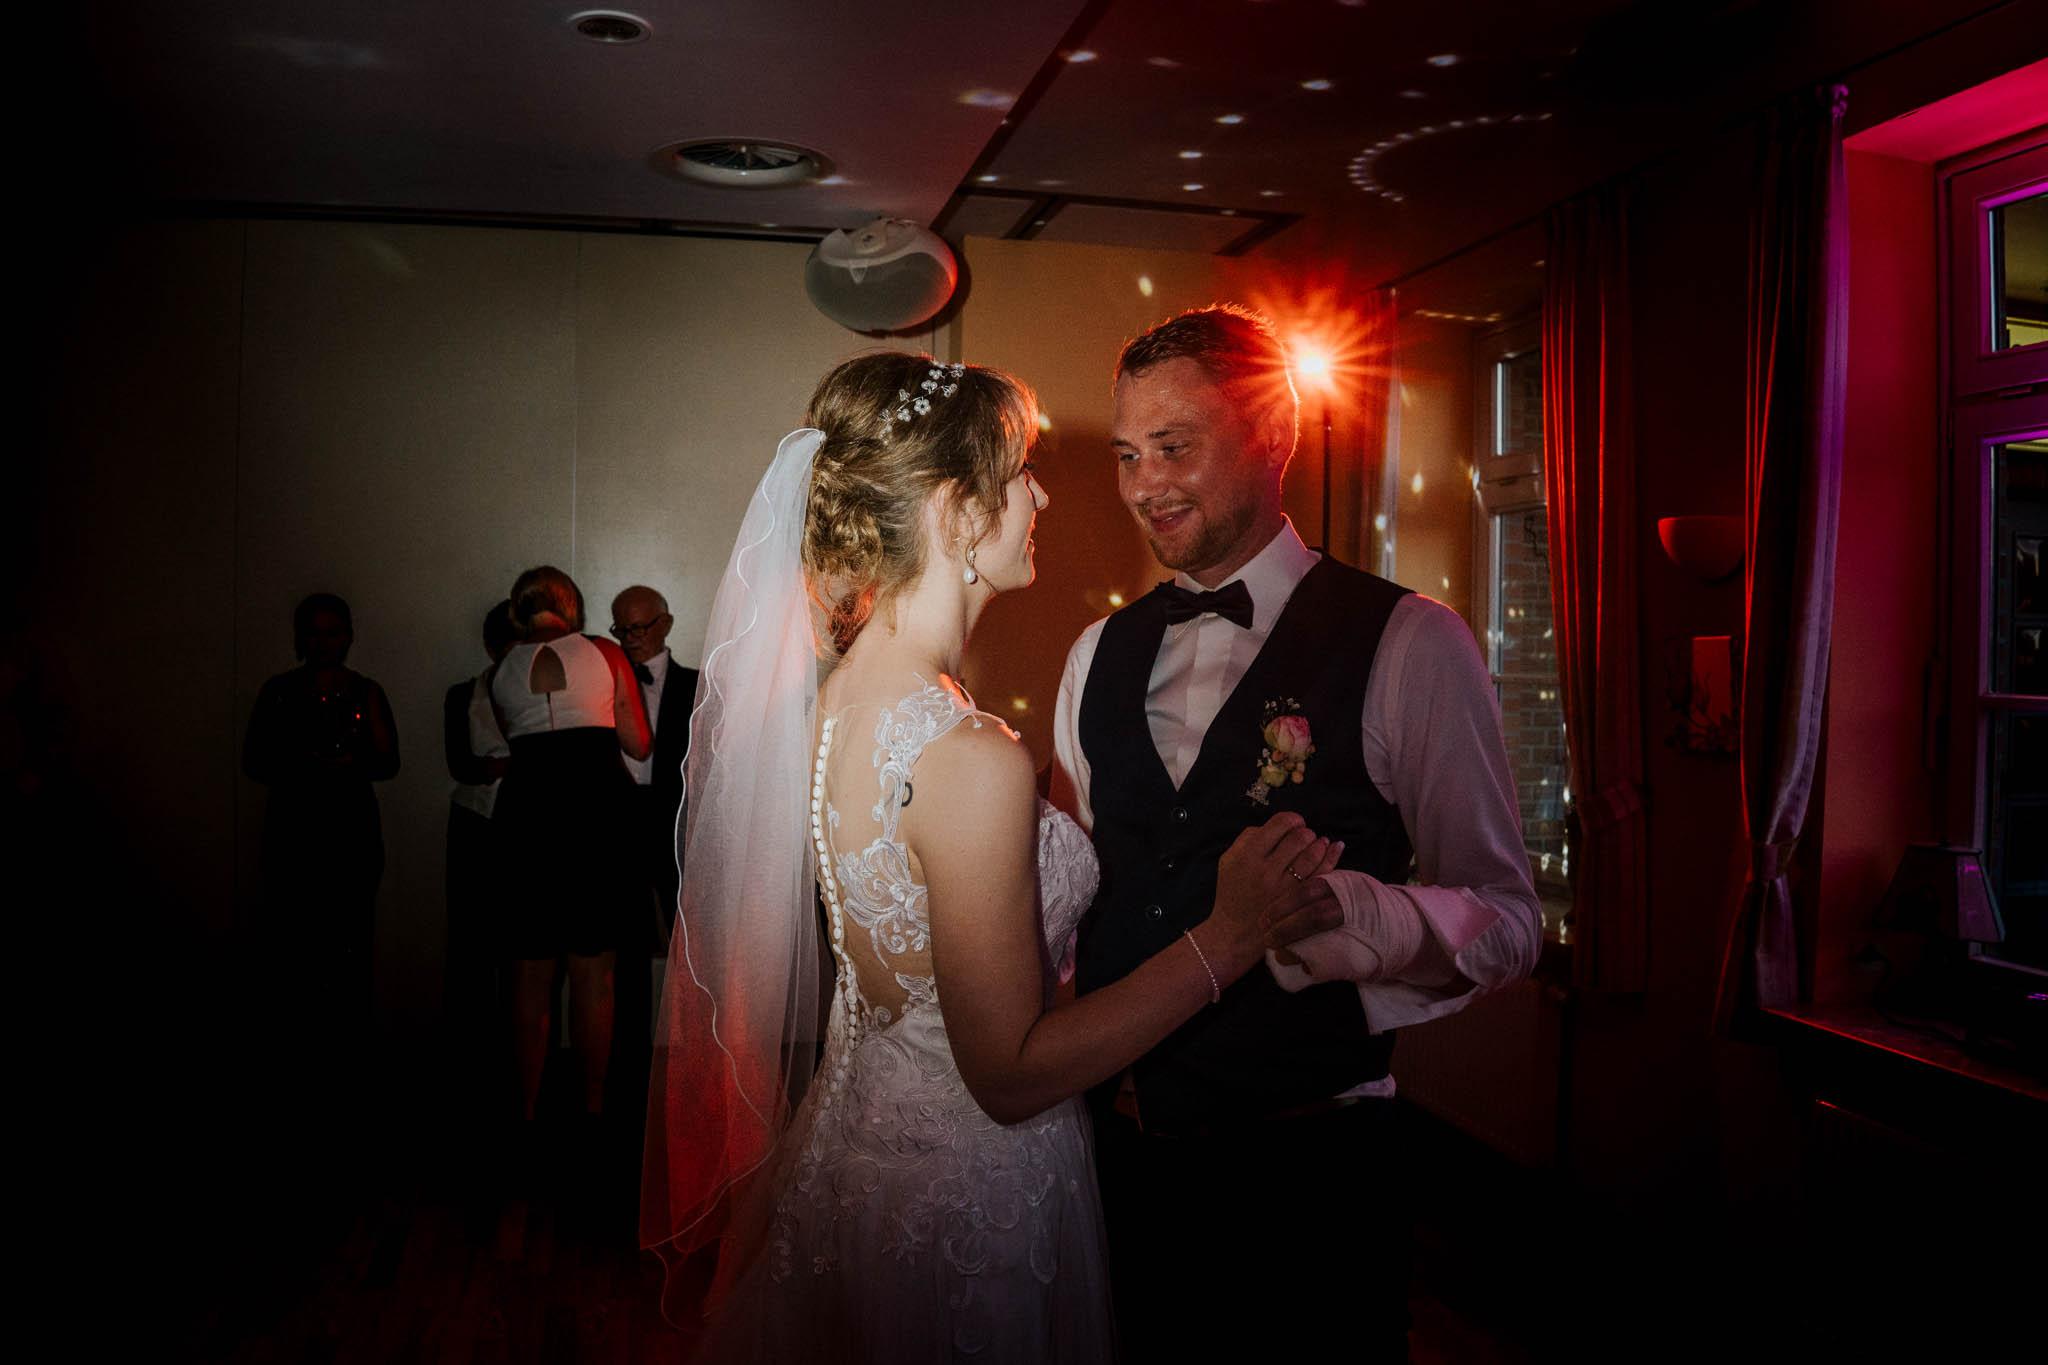 Hochzeitsfieber by Photo-Schomburg, Hoichzeitsfotograf, Hamburg, Wedding, Weddingtime, Hochzeitspaar, Braut, Bräutigam, Hochzeit im Norden,-132